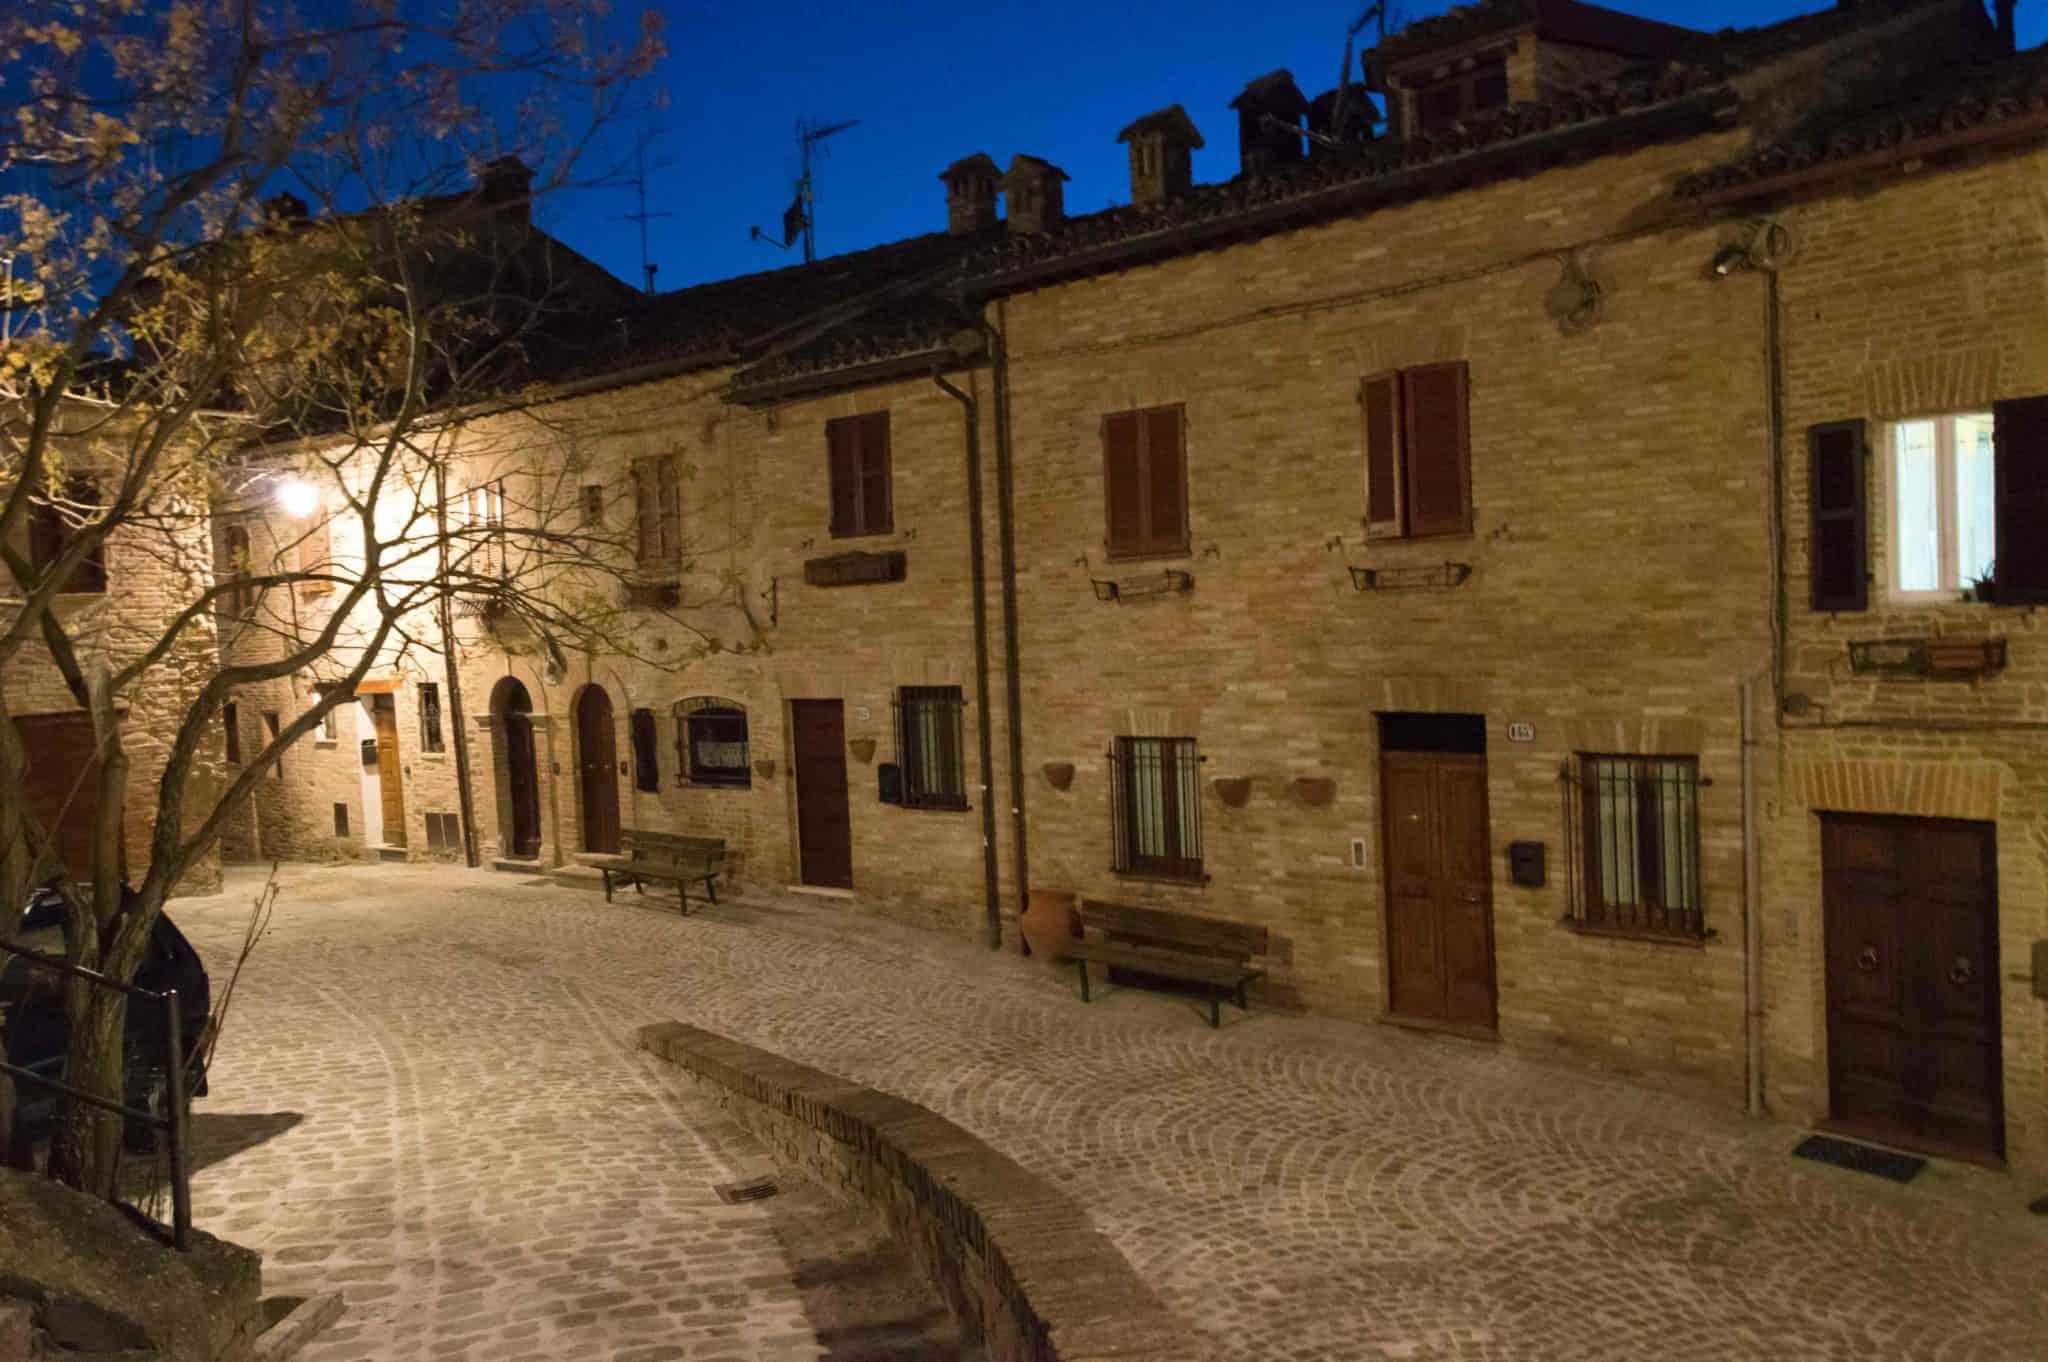 Centro storico di Sarnano, Piazzetta della Picassera